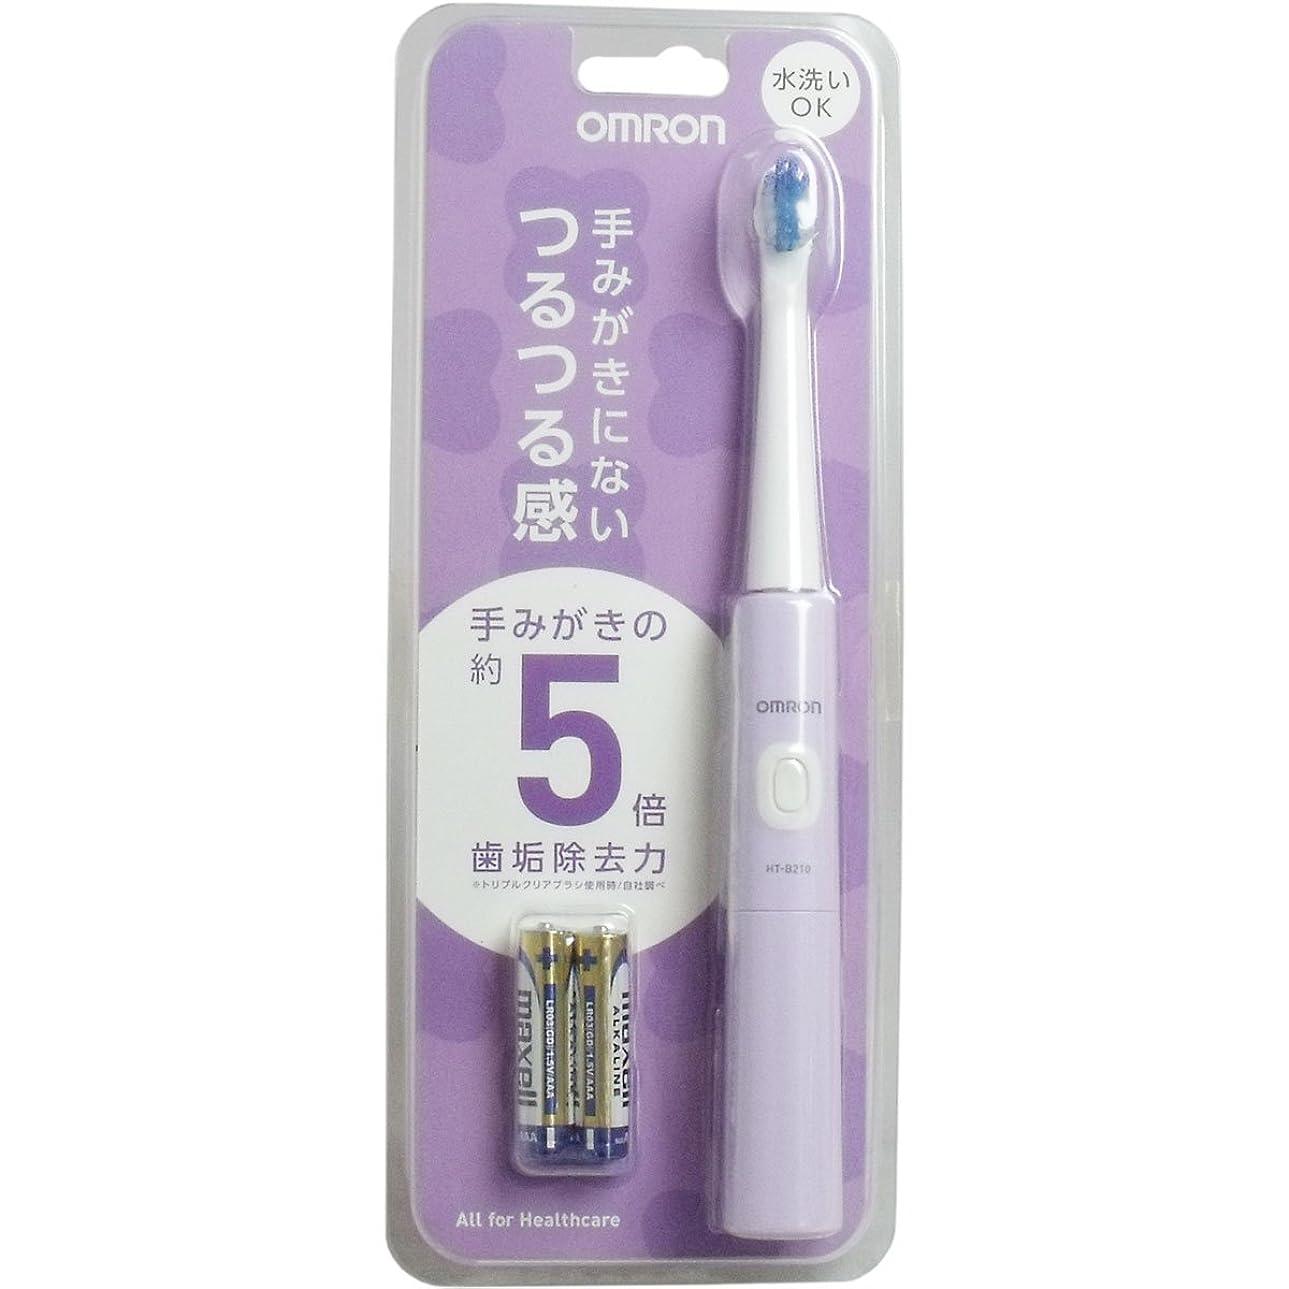 振るシャッフルビクターオムロンヘルスケア 音波式電動歯ブラシ パープル HT-B210-V